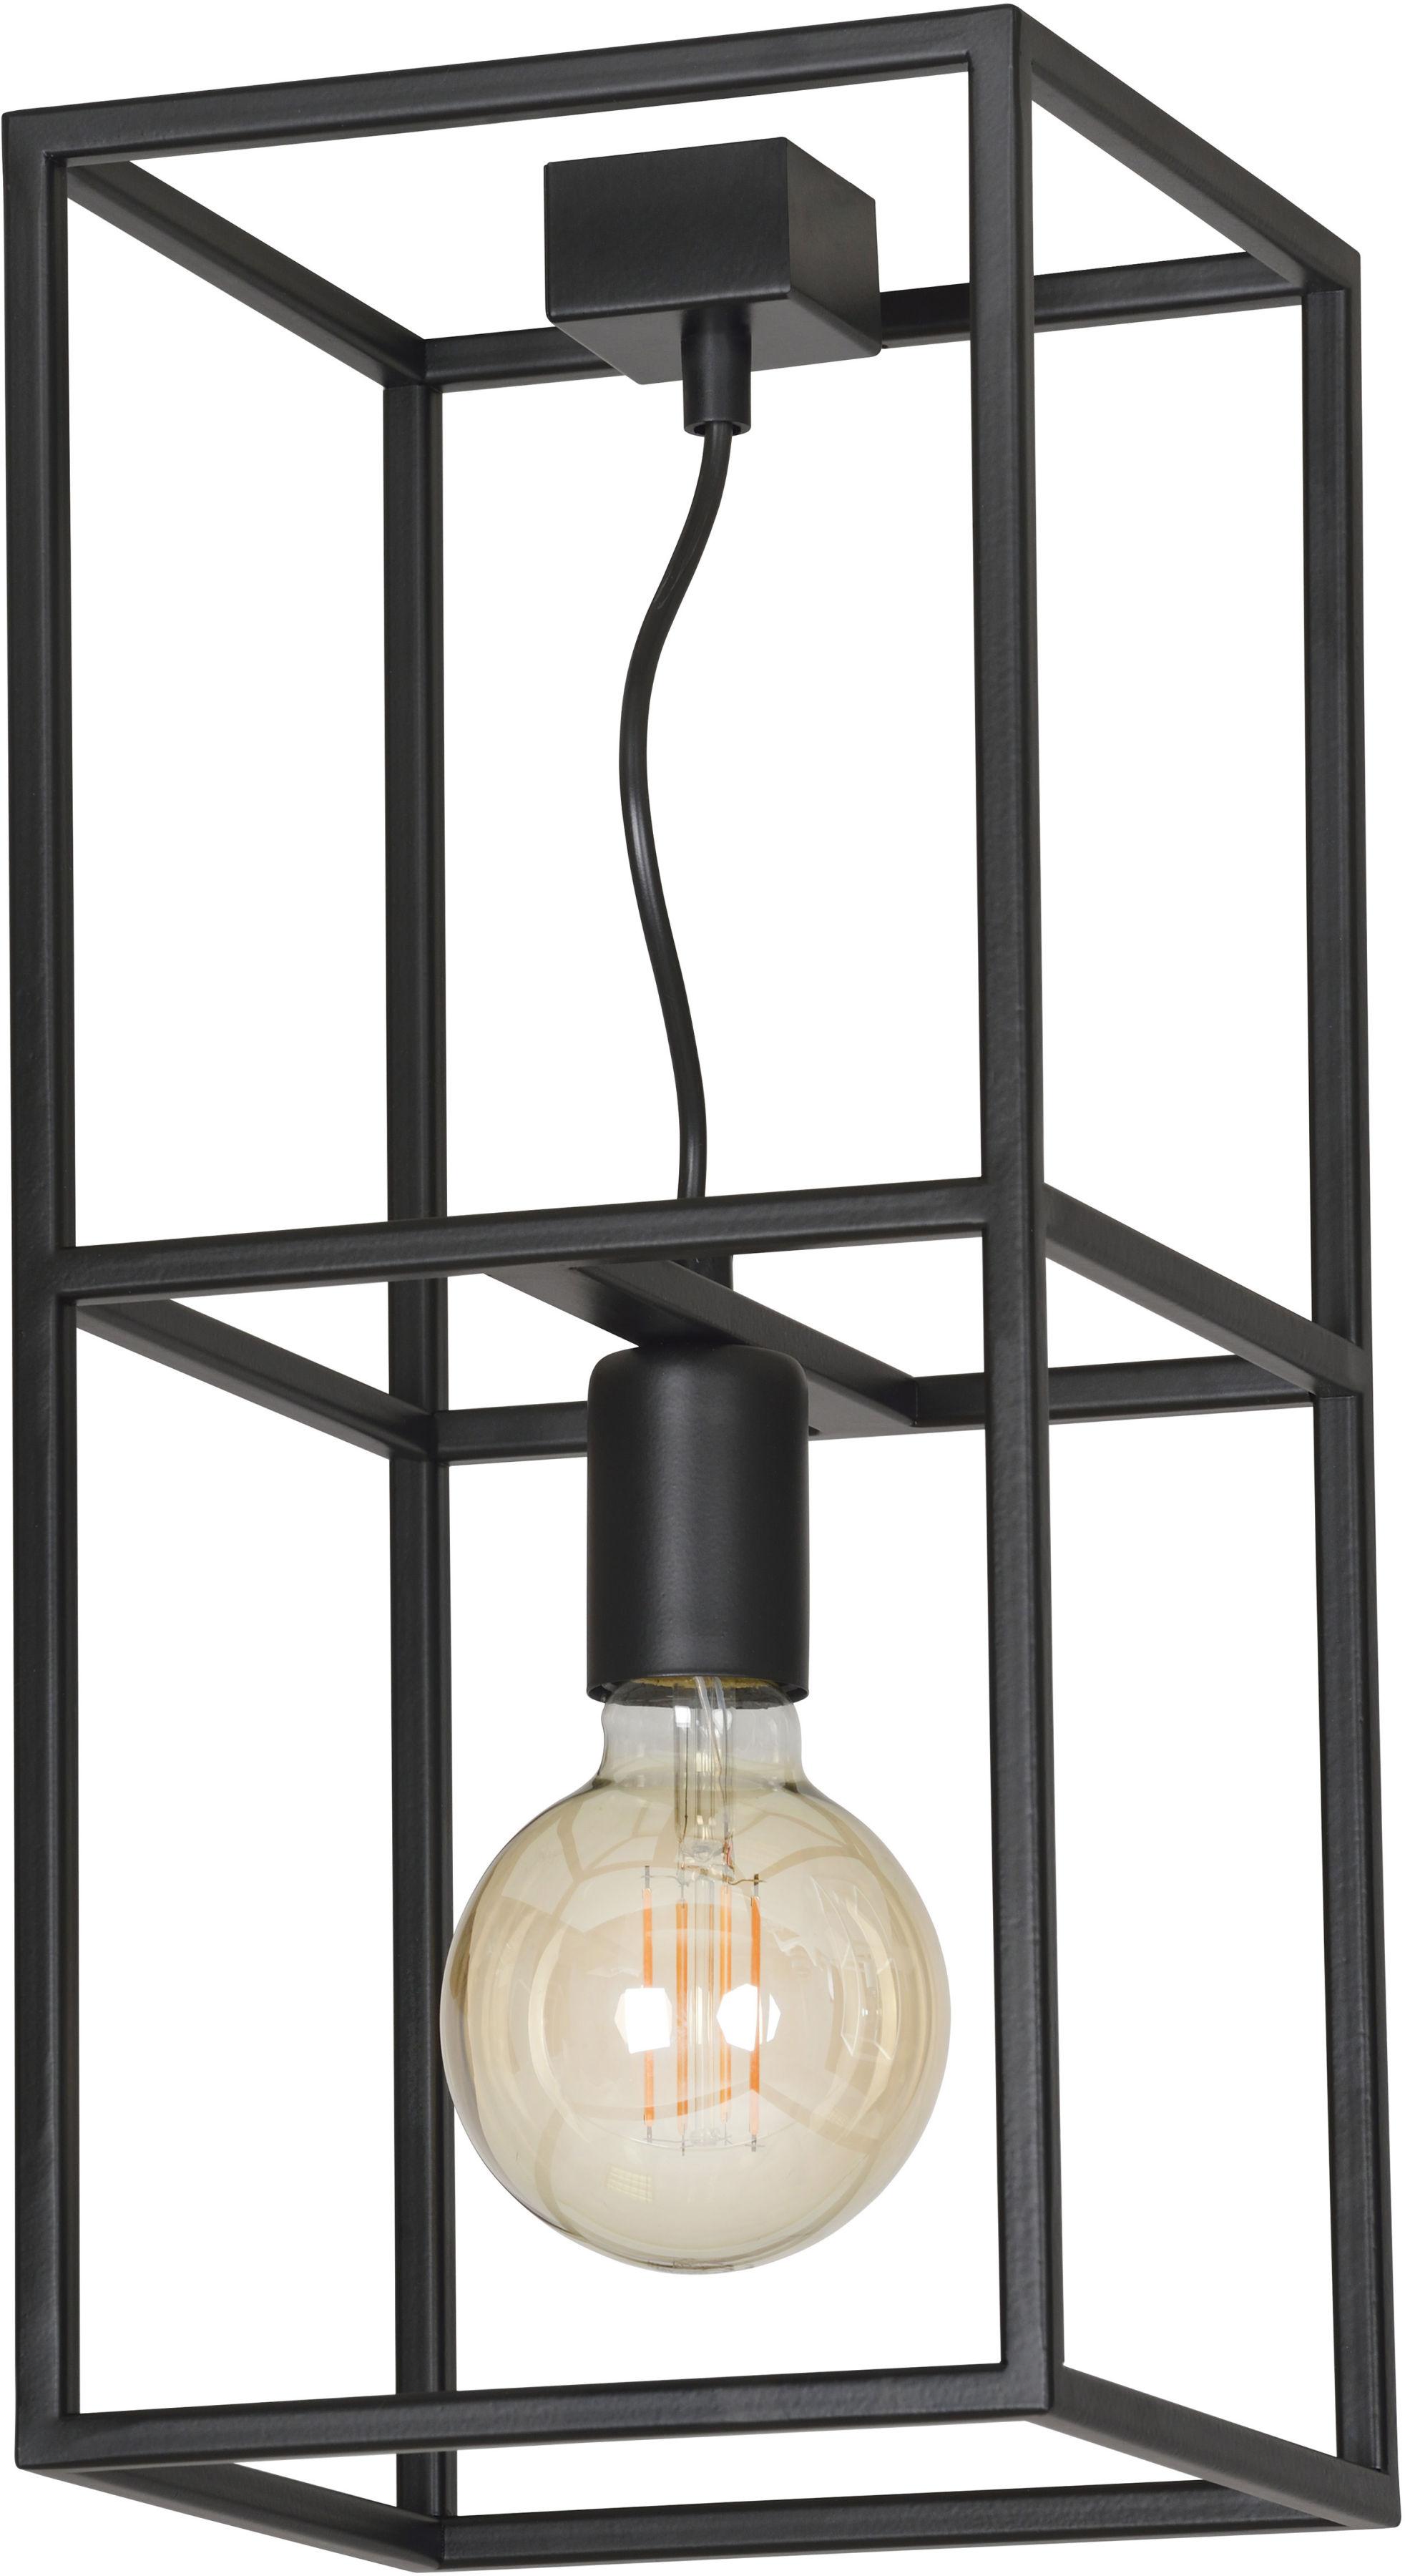 Emibig OMIKRON 1 BLACK 146/1 plafon lampa sufitowa ramka klatka w stylu loft czarna 1x60W E27 44cm